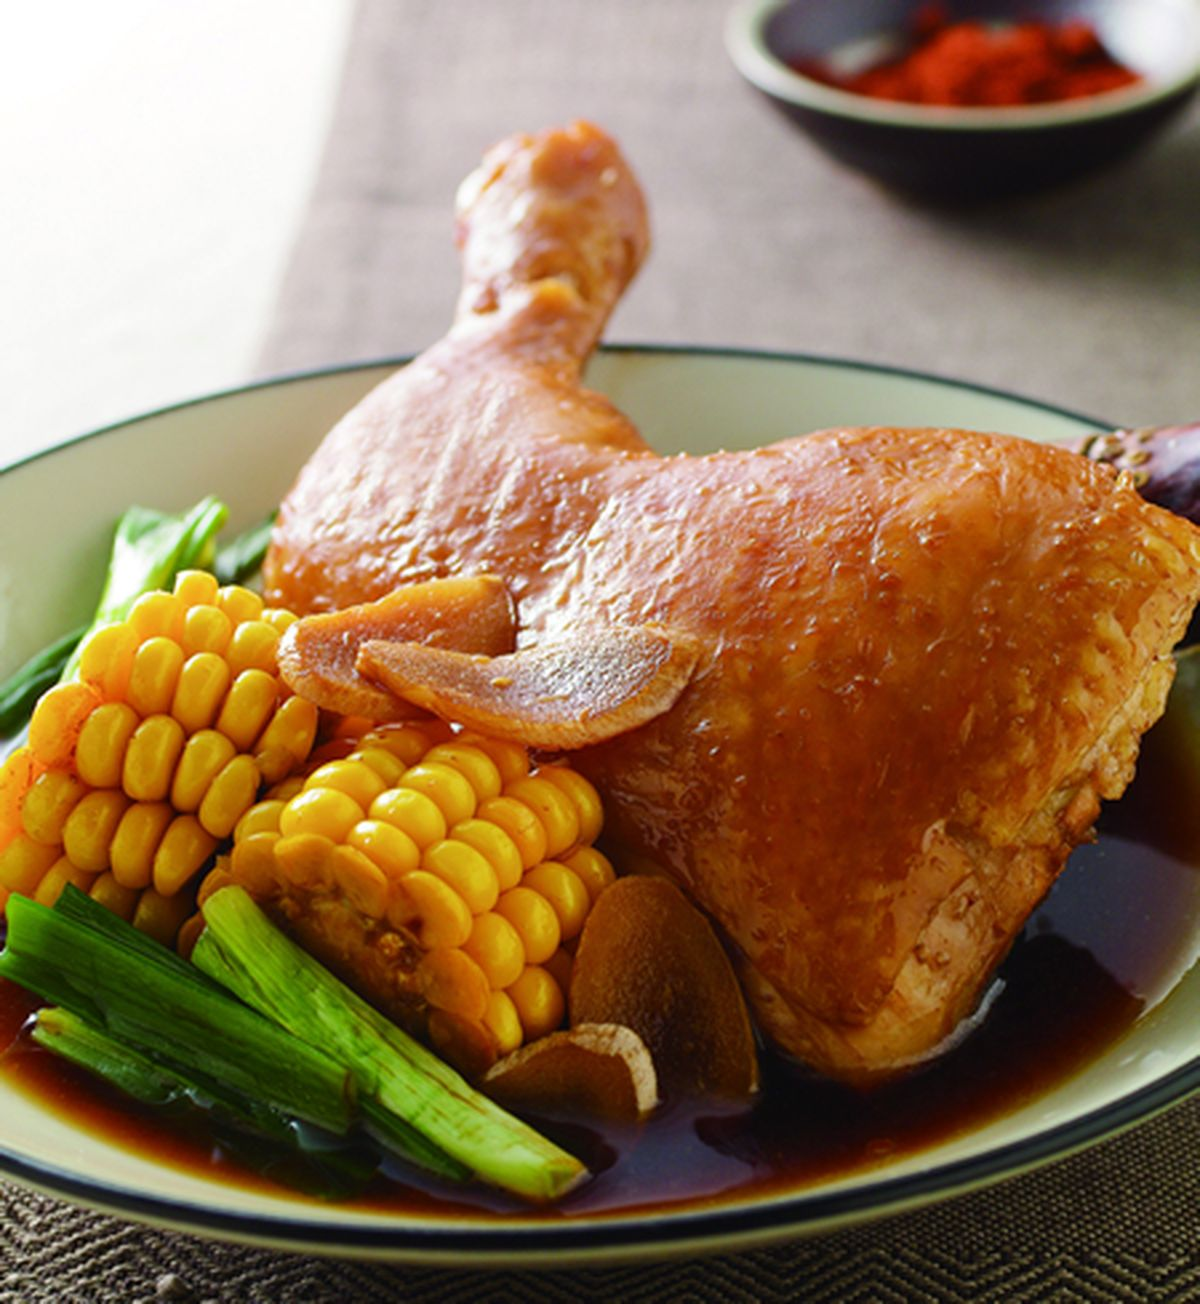 食譜:甘蔗滷雞腿